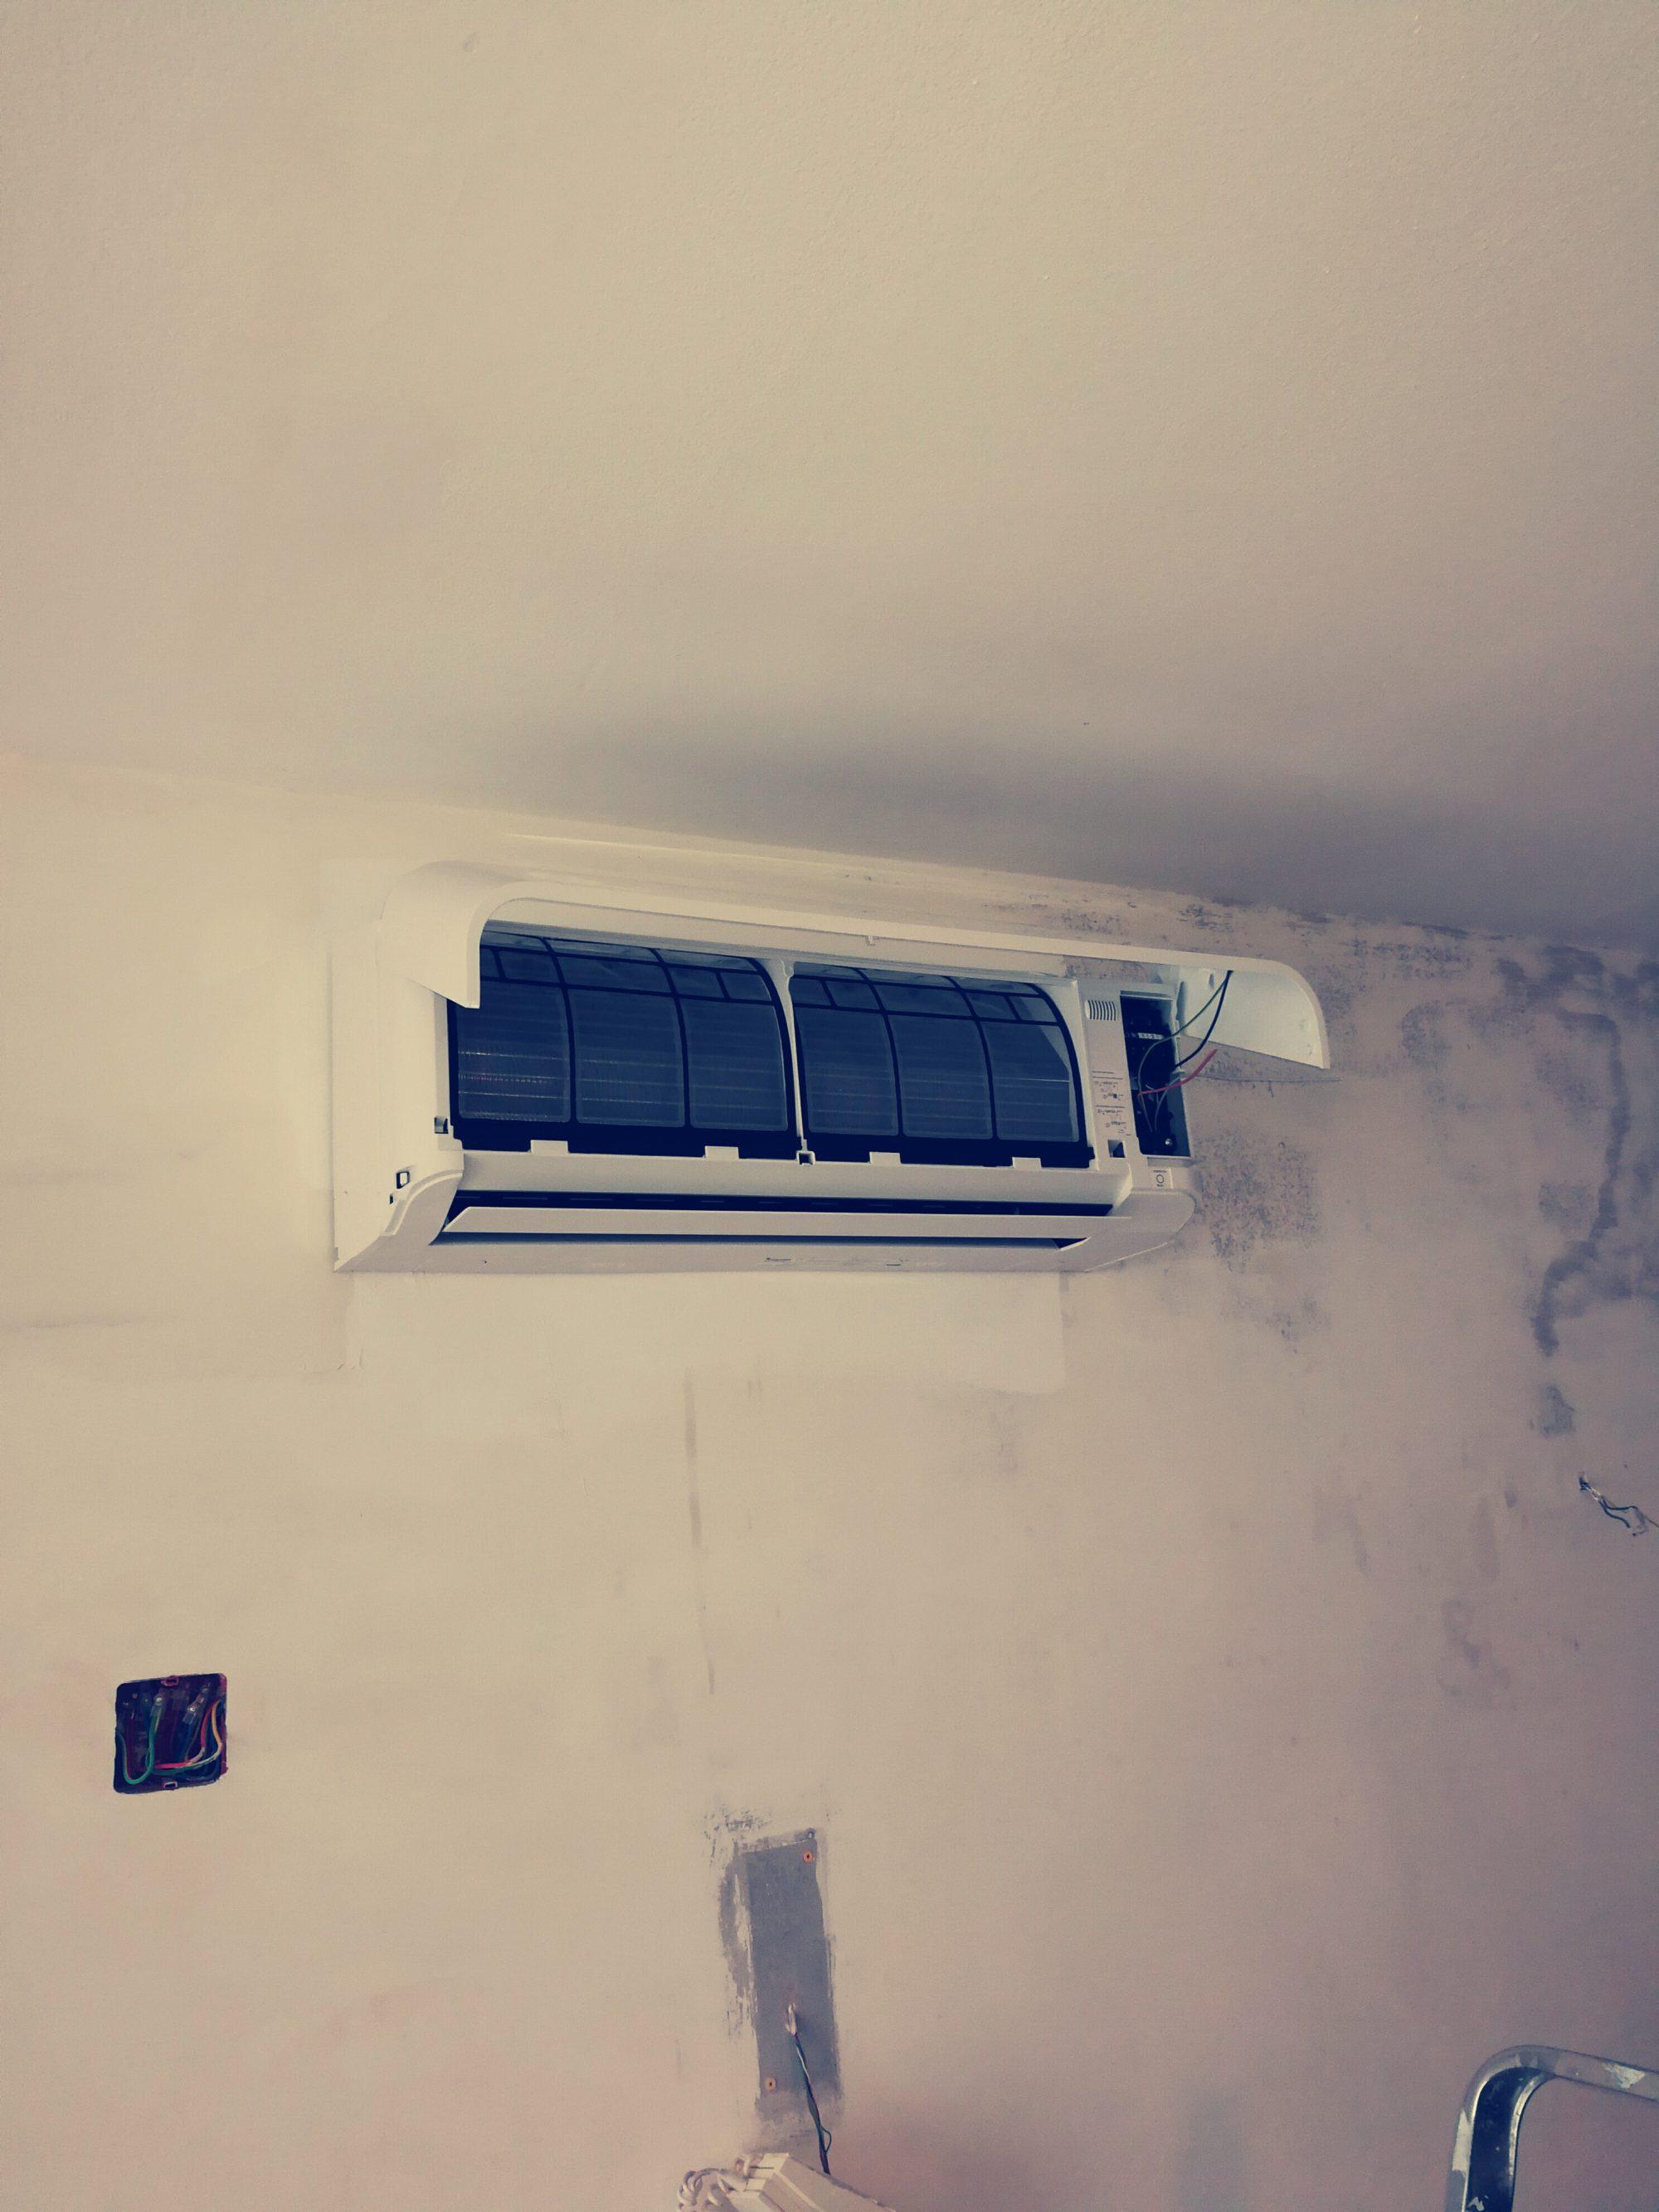 Vente et installation climatiseur mural 28 images for Climatiseur monobloc mural silencieux